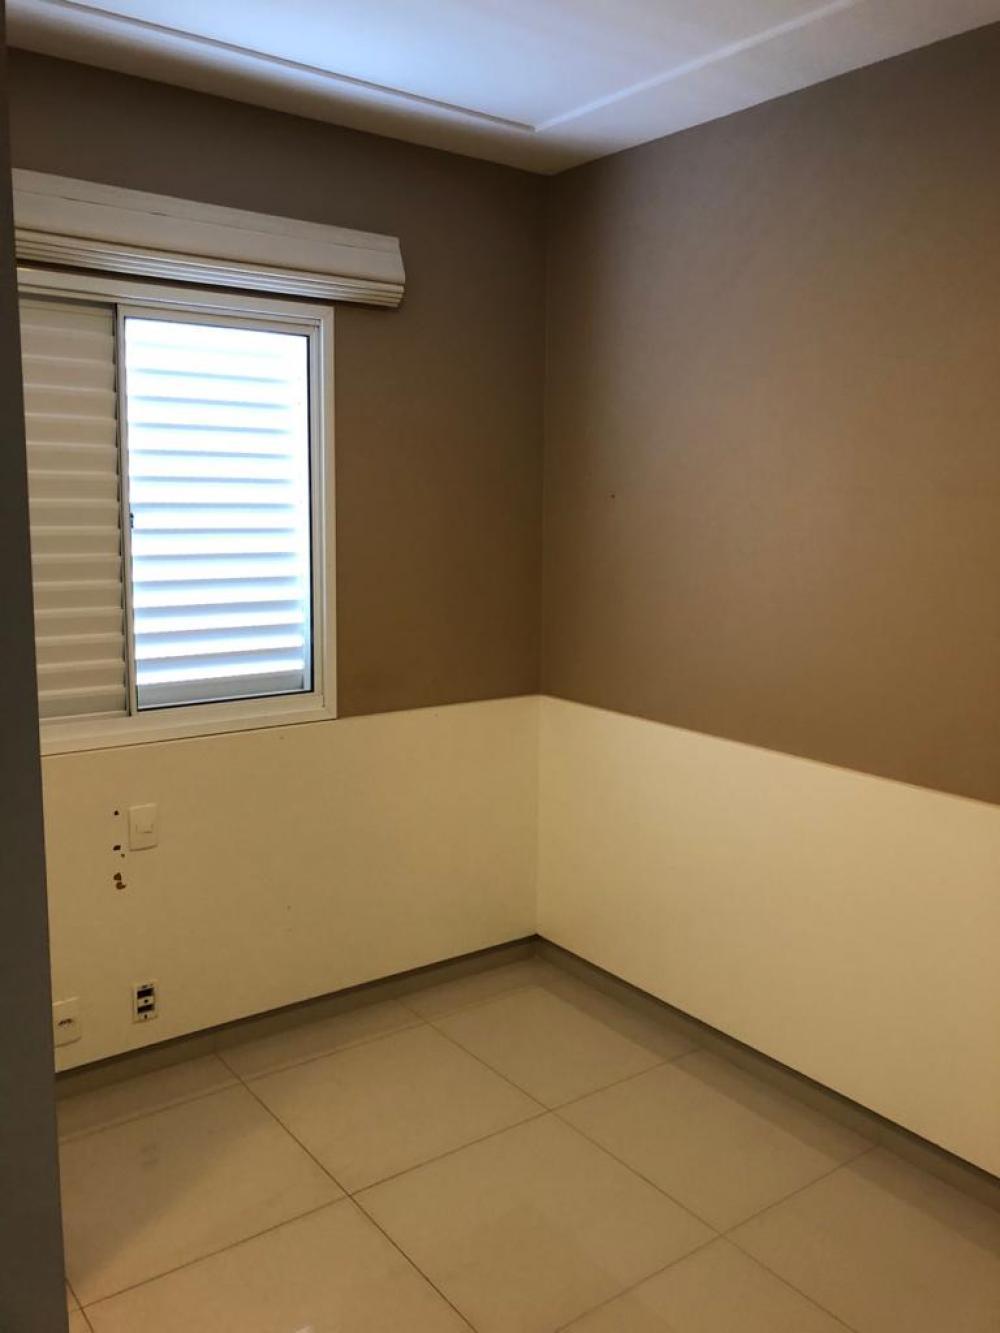 Alugar Casa / Condomínio em São José do Rio Preto R$ 2.100,00 - Foto 14